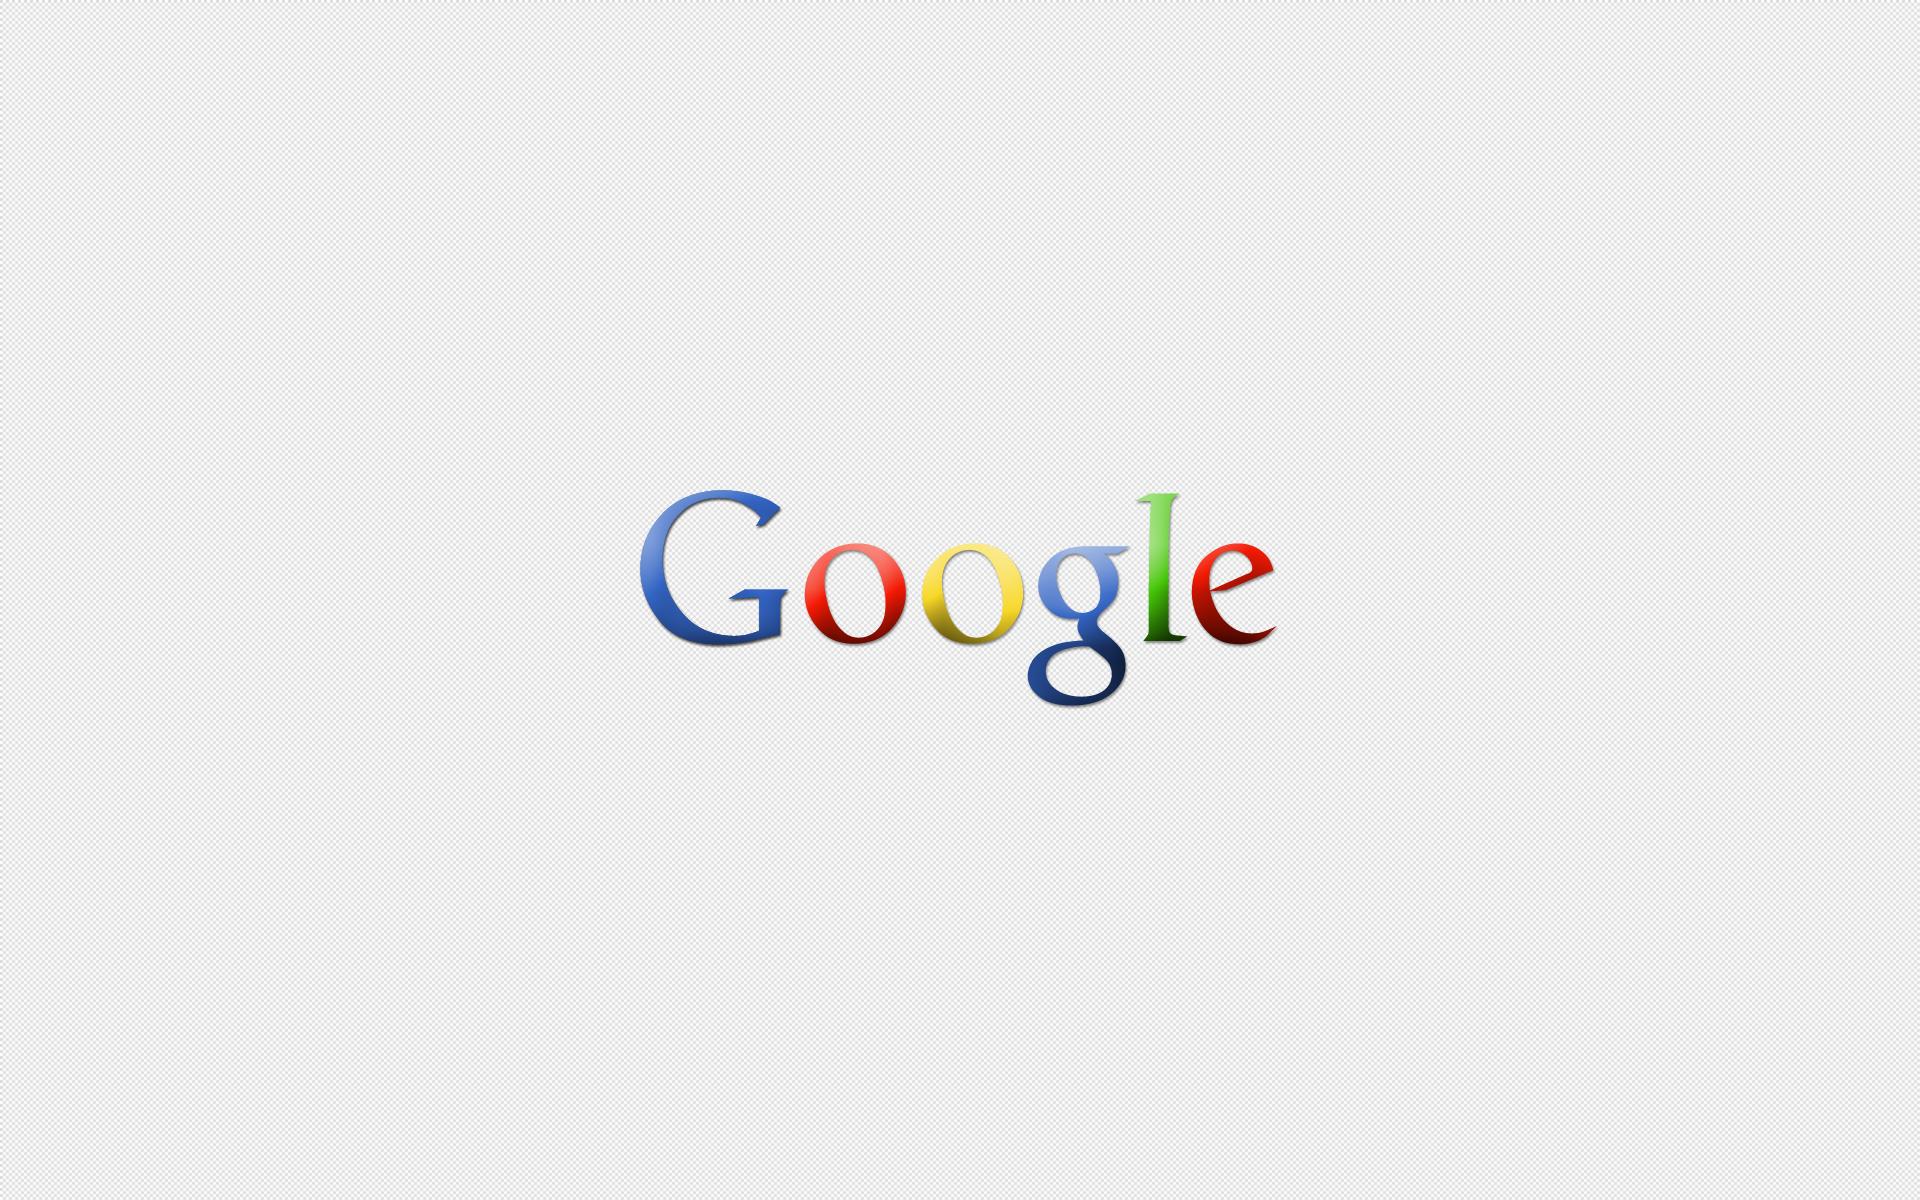 Description Google Wallpaper is a hi res Wallpaper for pc desktops 1920x1200